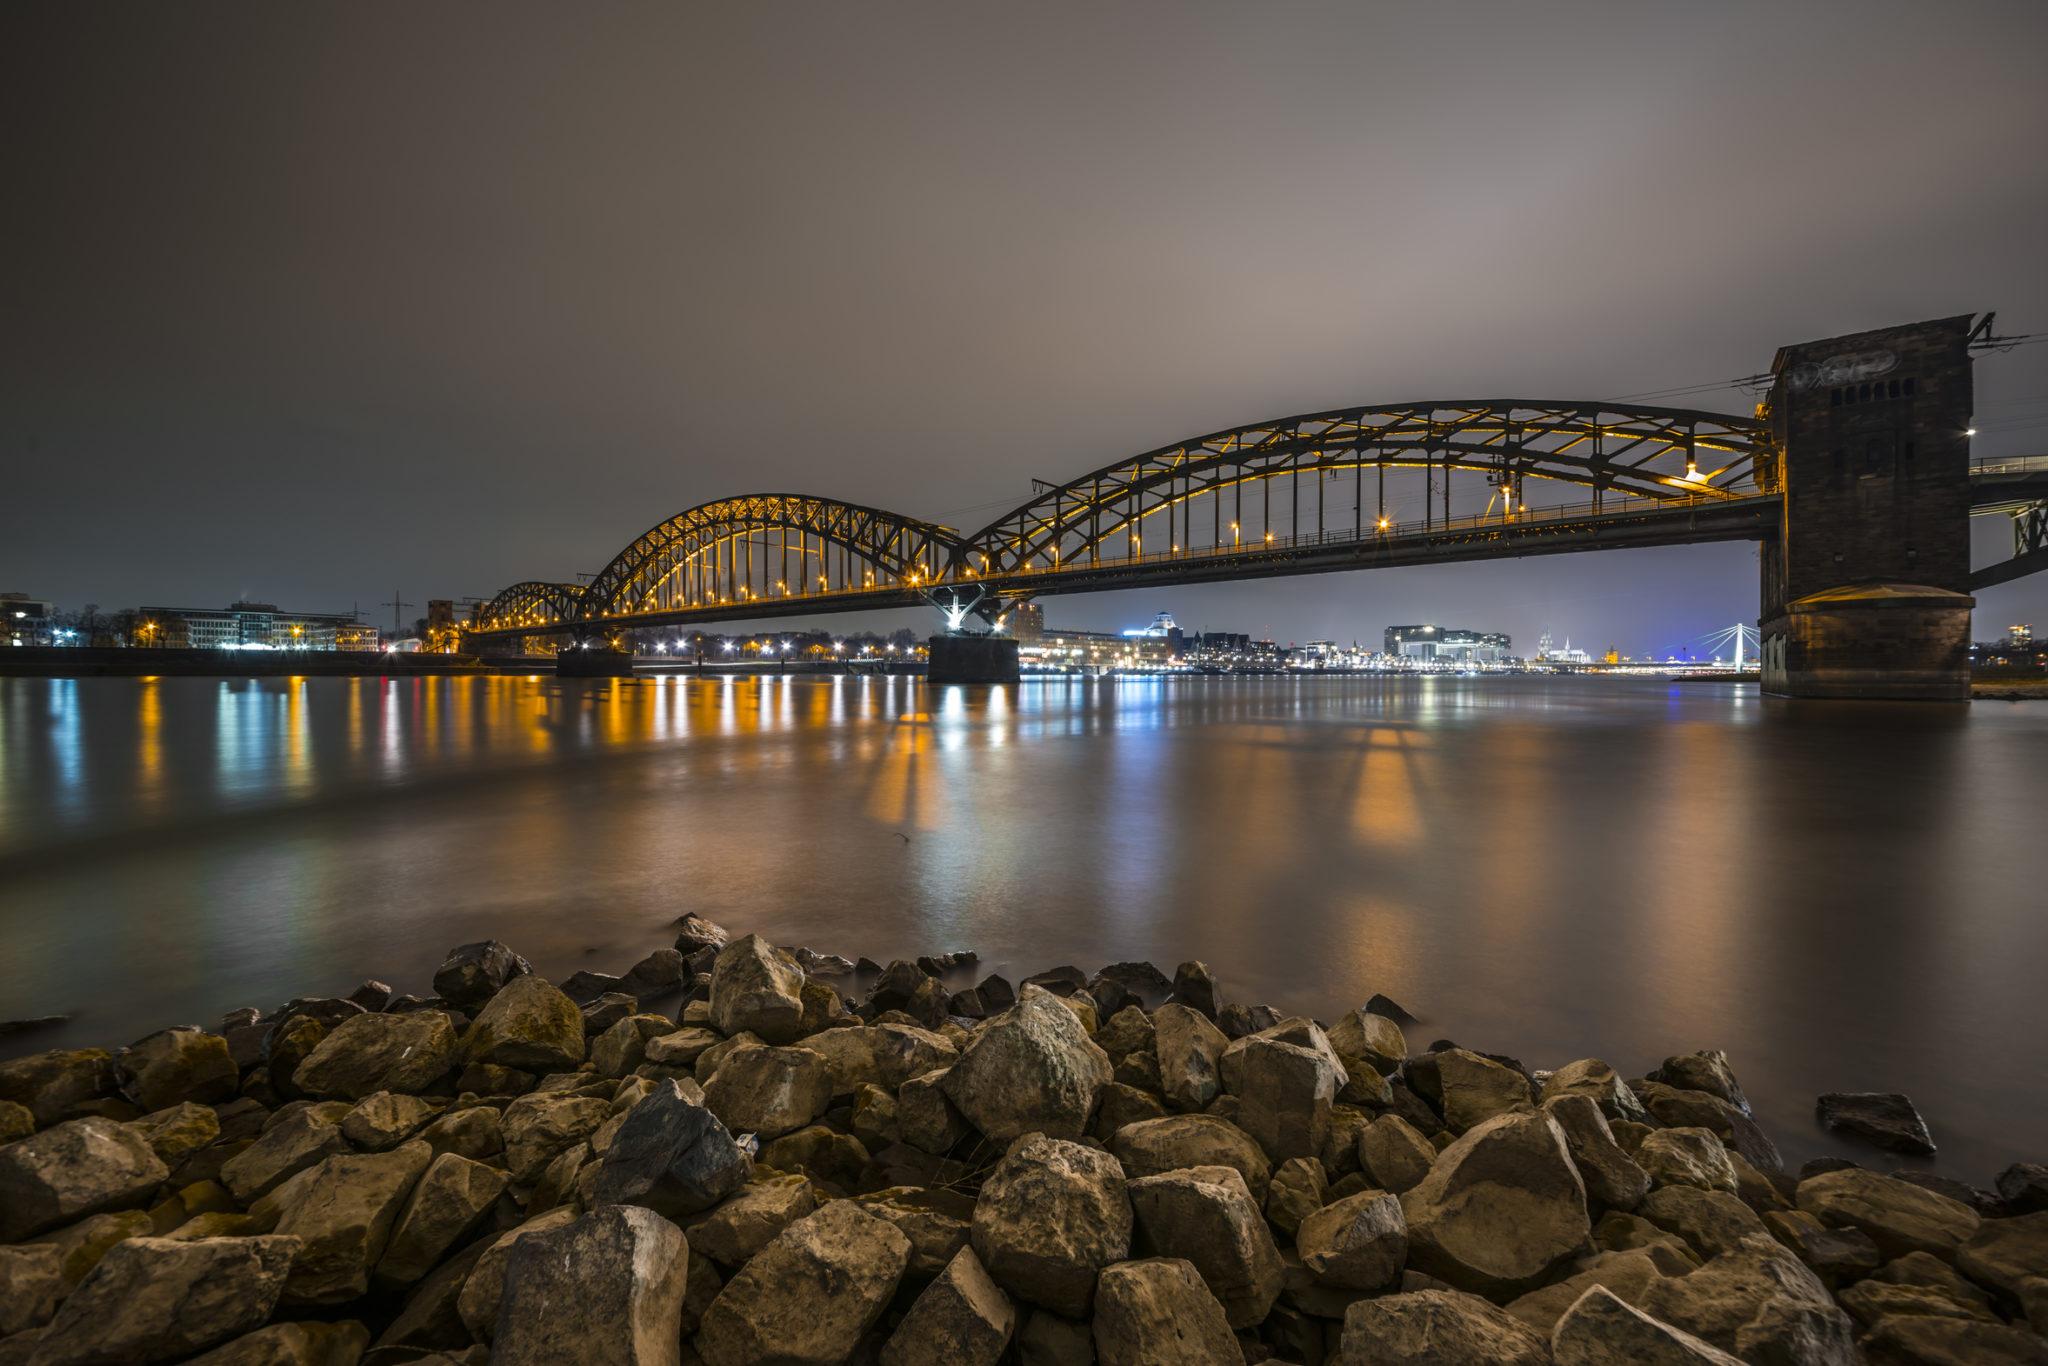 Haushaltsauflösung und Entrümpelung in Köln Poll